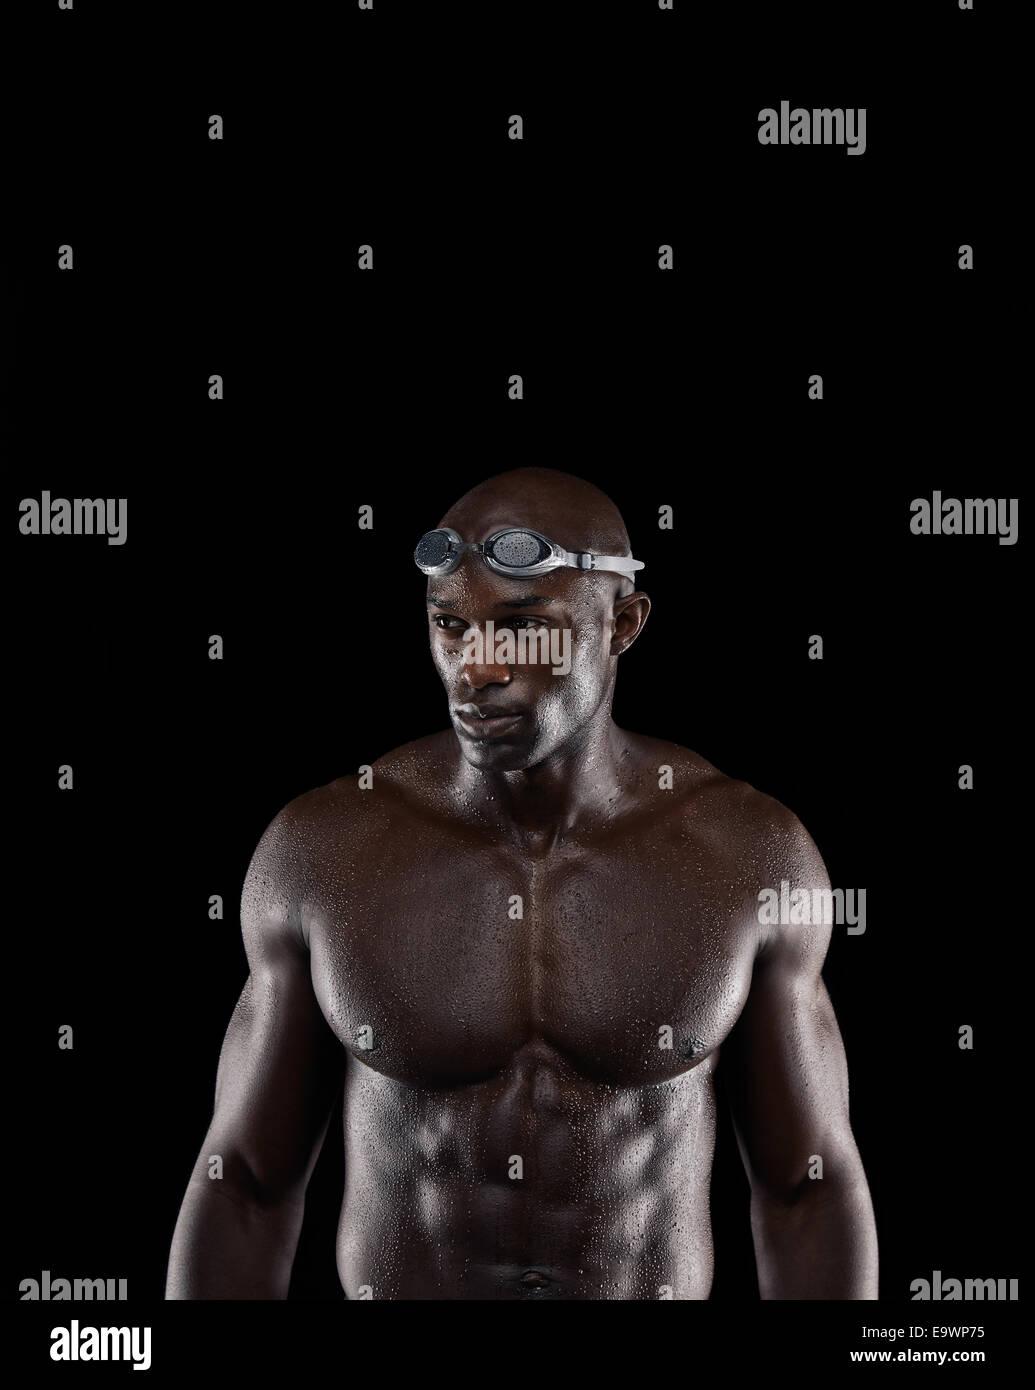 Studio shot of a fit jeune nageuse sur fond noir. L'athlète à la suite de l'Afrique de la copie Photo Stock